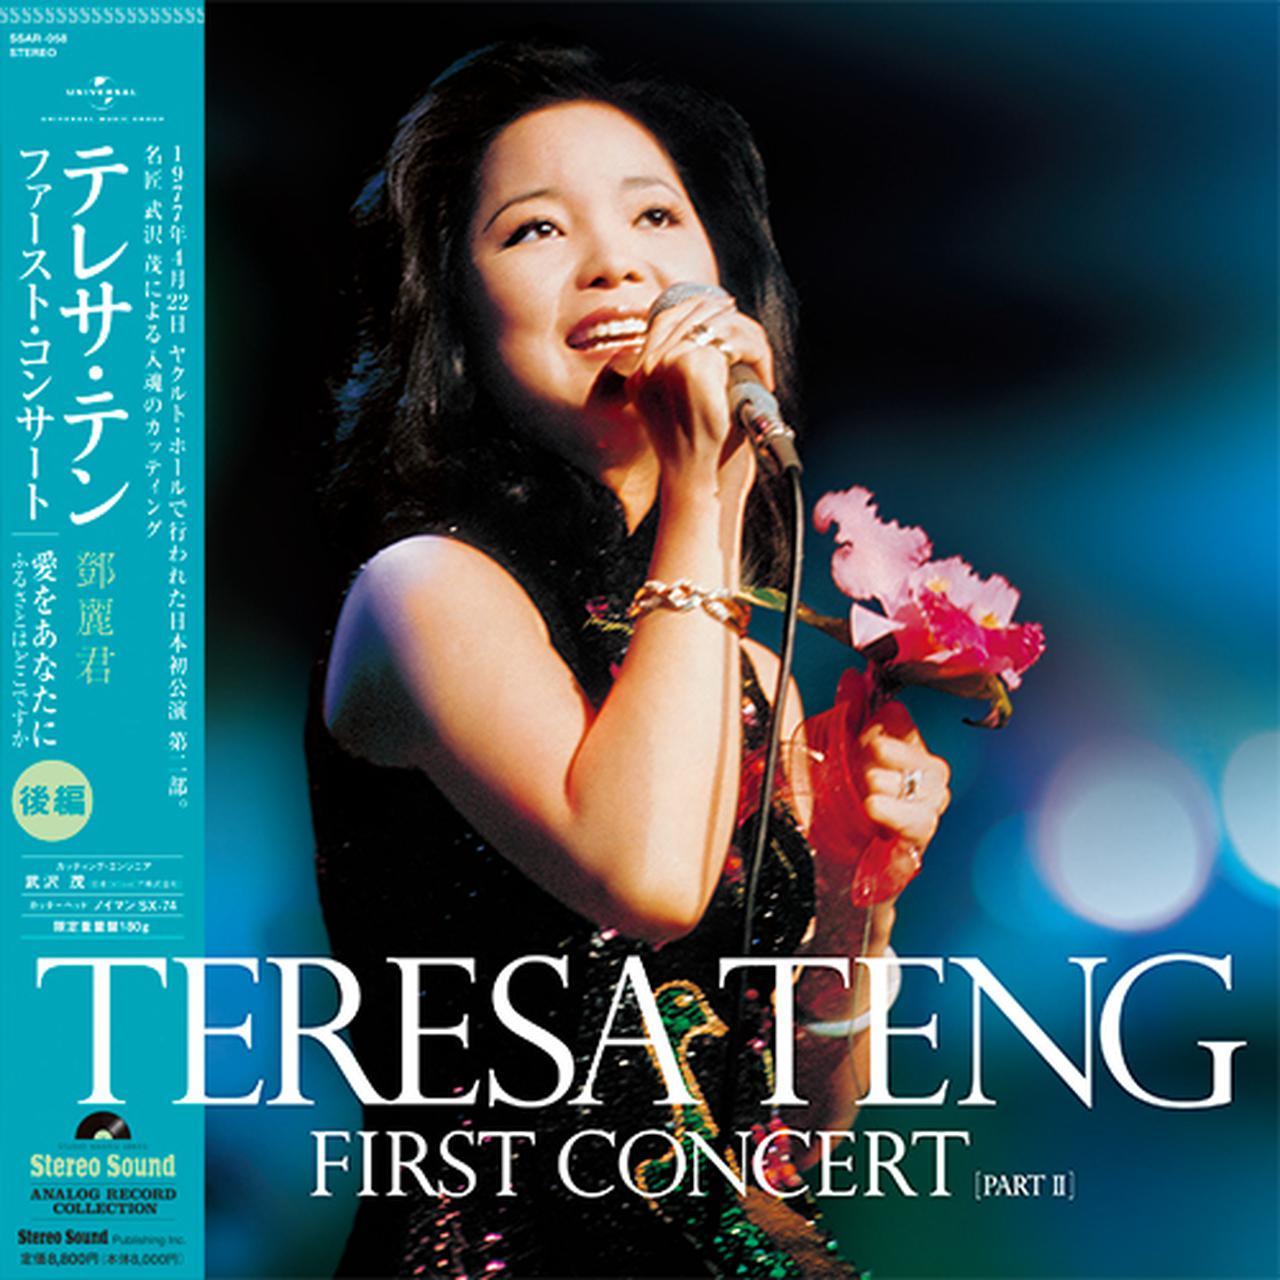 画像: テレサ・テン ファーストコンサート 後編(LP)SSAR-058 ※予約商品・8月31日頃より順次発送予定